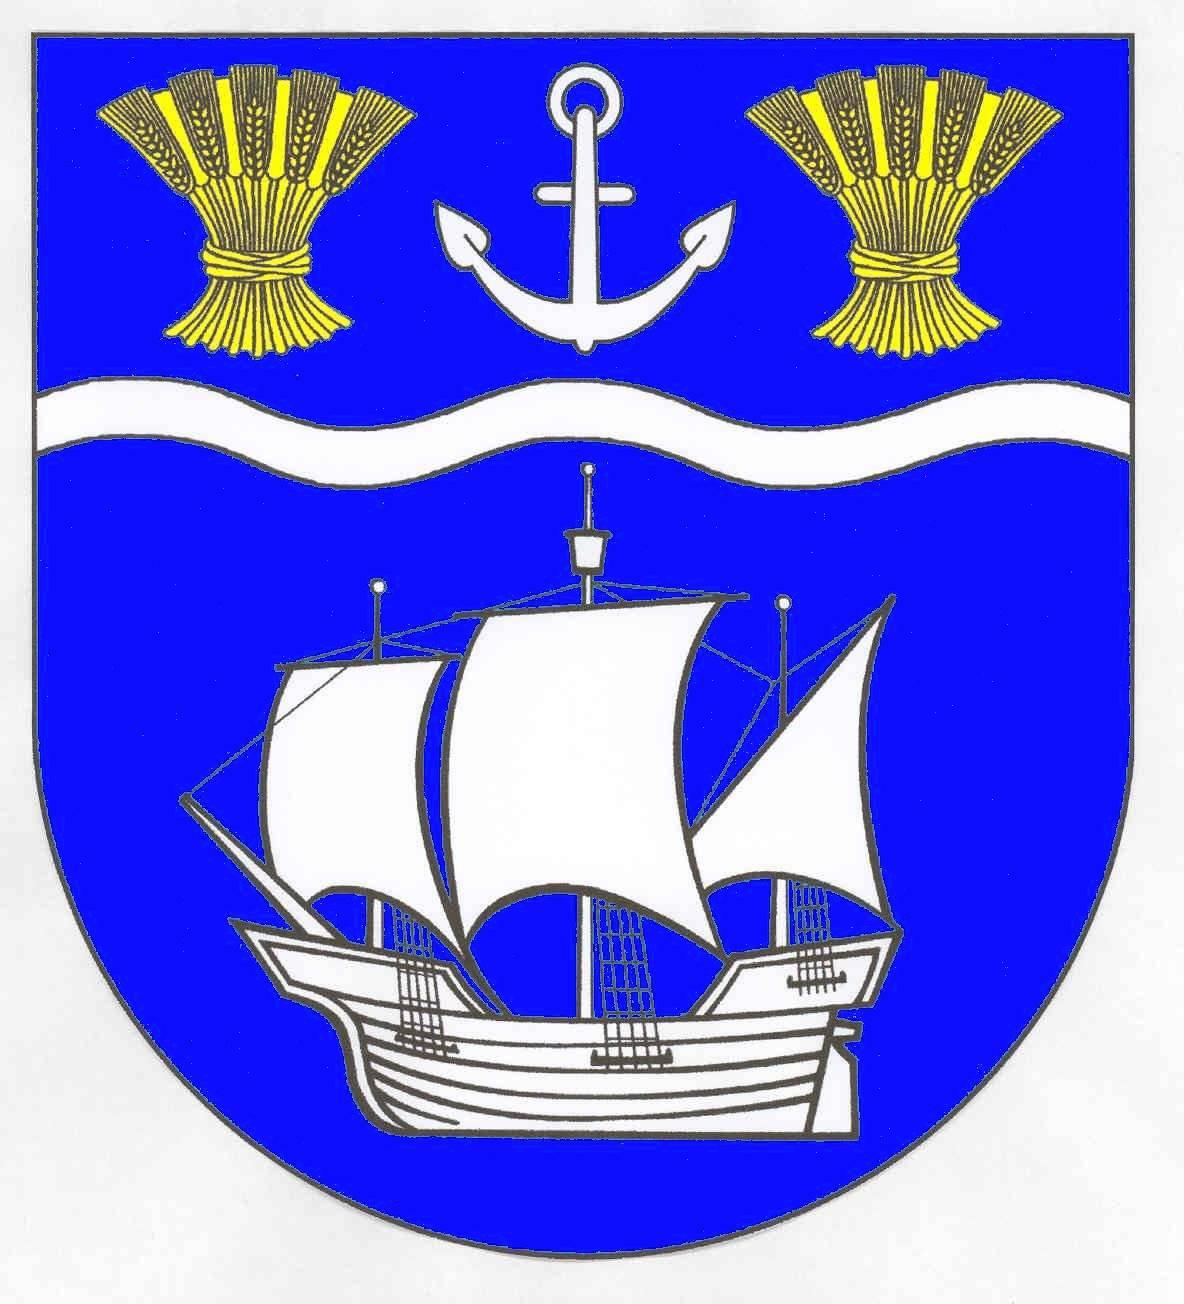 Wappen GemeindeBeidenfleth, Kreis Steinburg